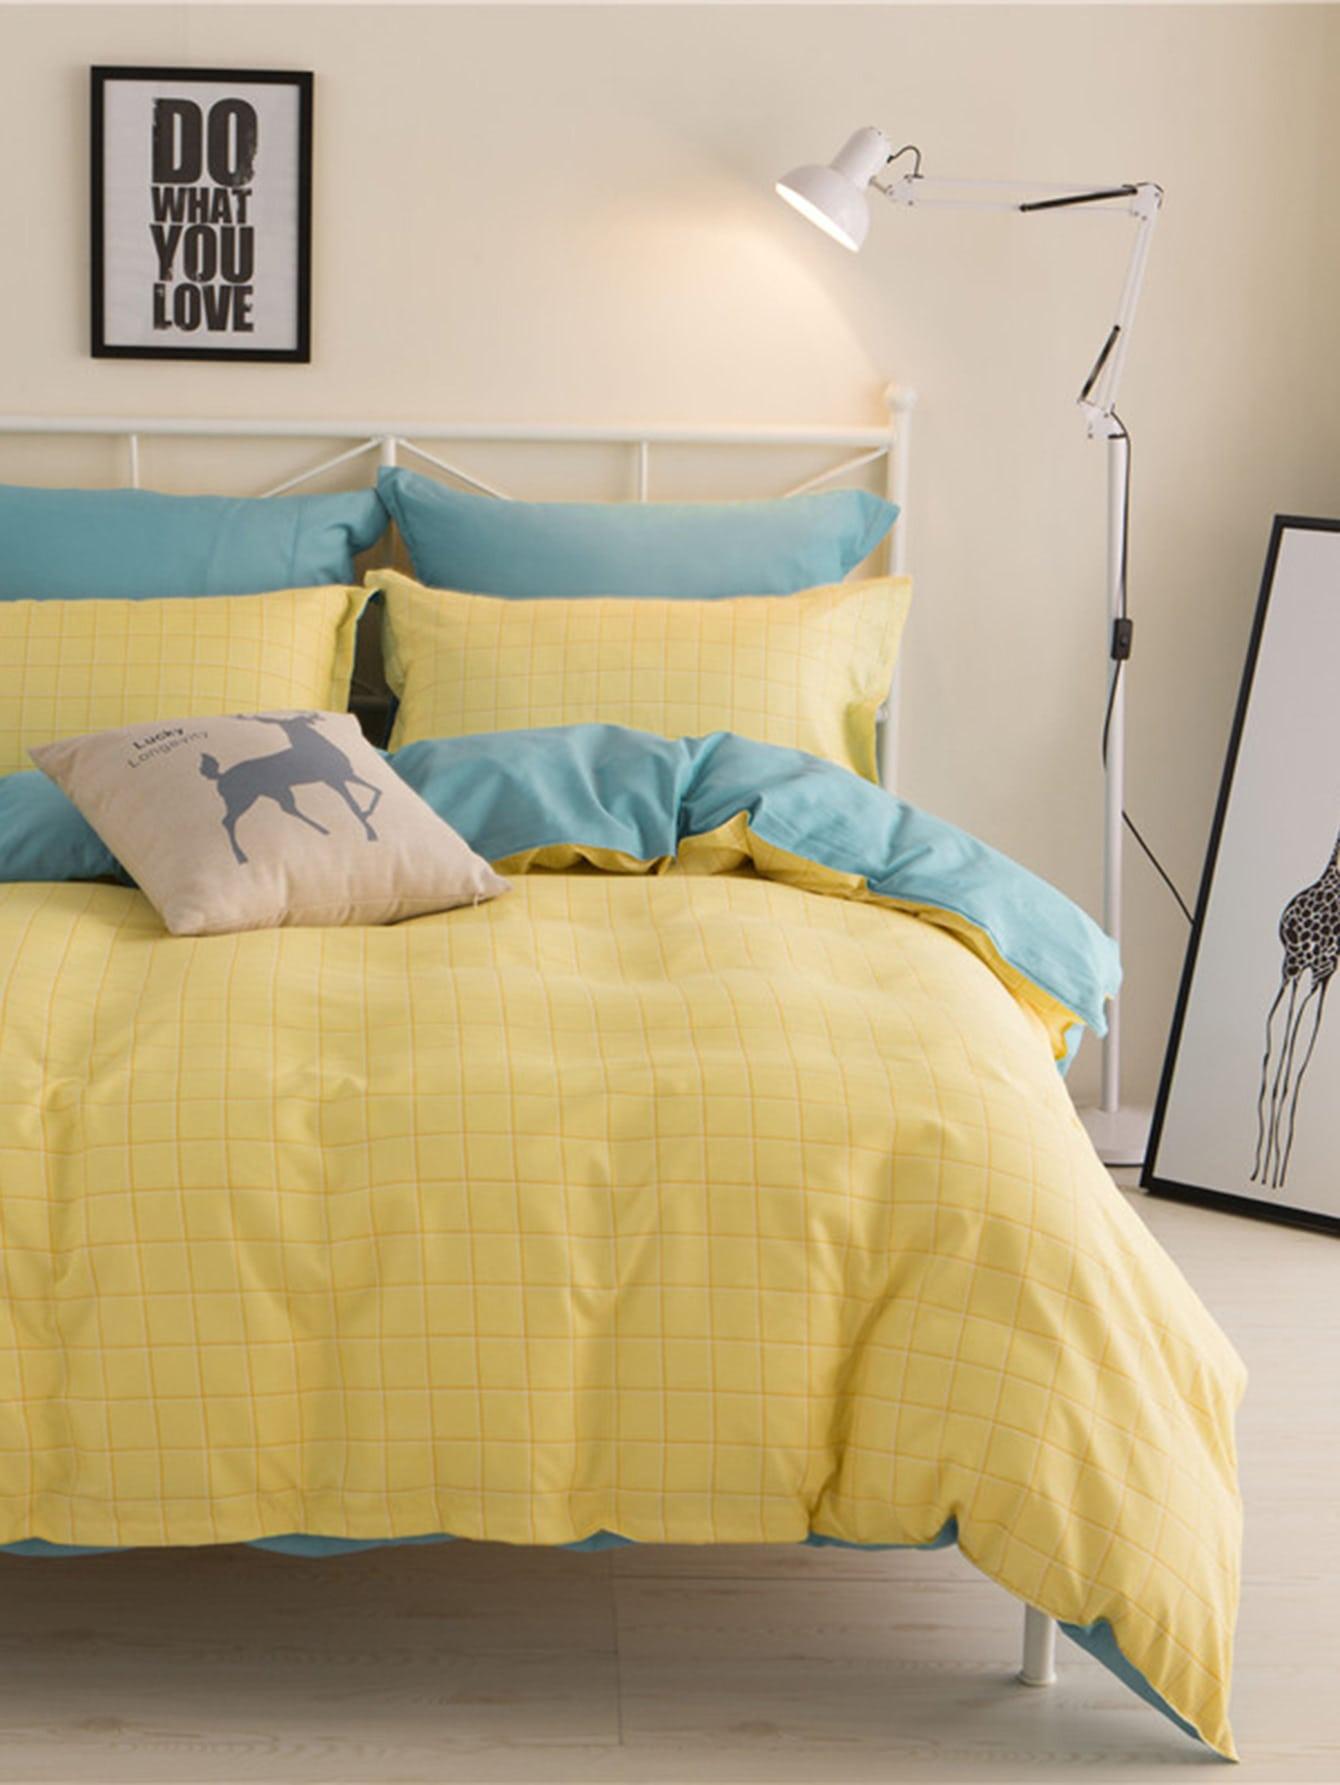 2.2m 4Pcs Grid Print Bed Sheet Set бра leds c4 bed 05 2830 34 34